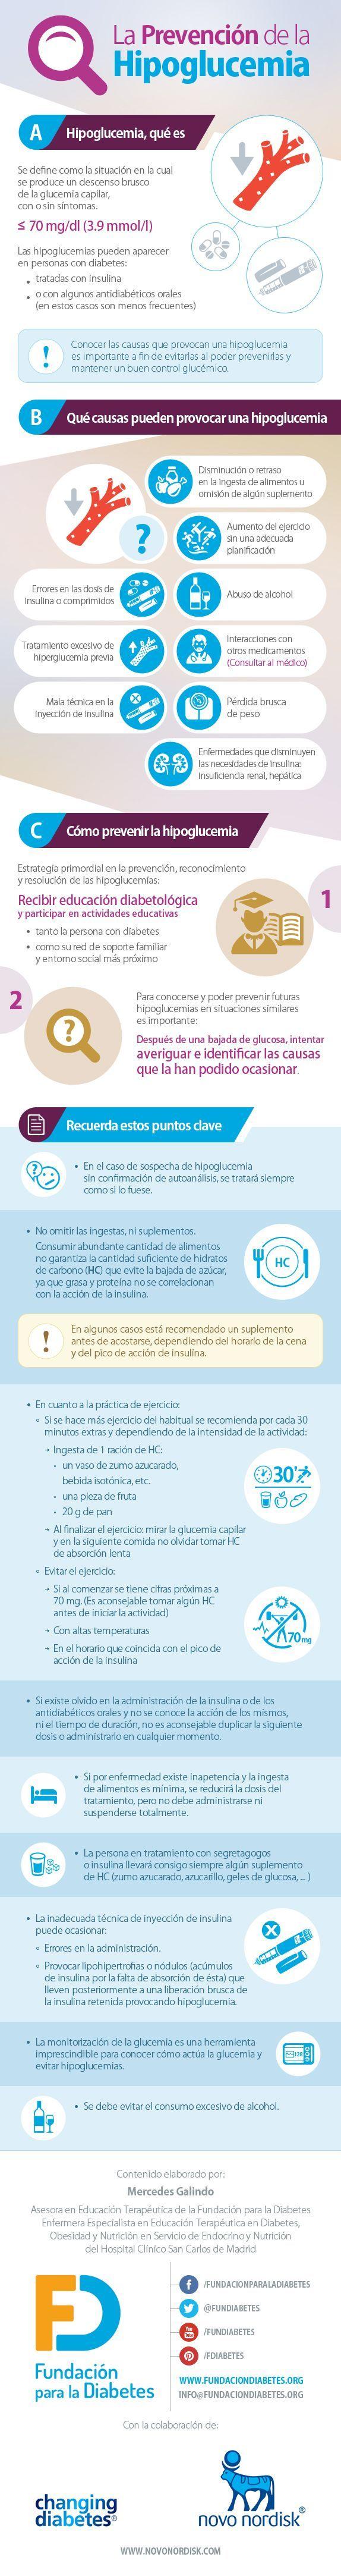 Infografía sobre la prevención de la hipoglucemia. #Diabetes: